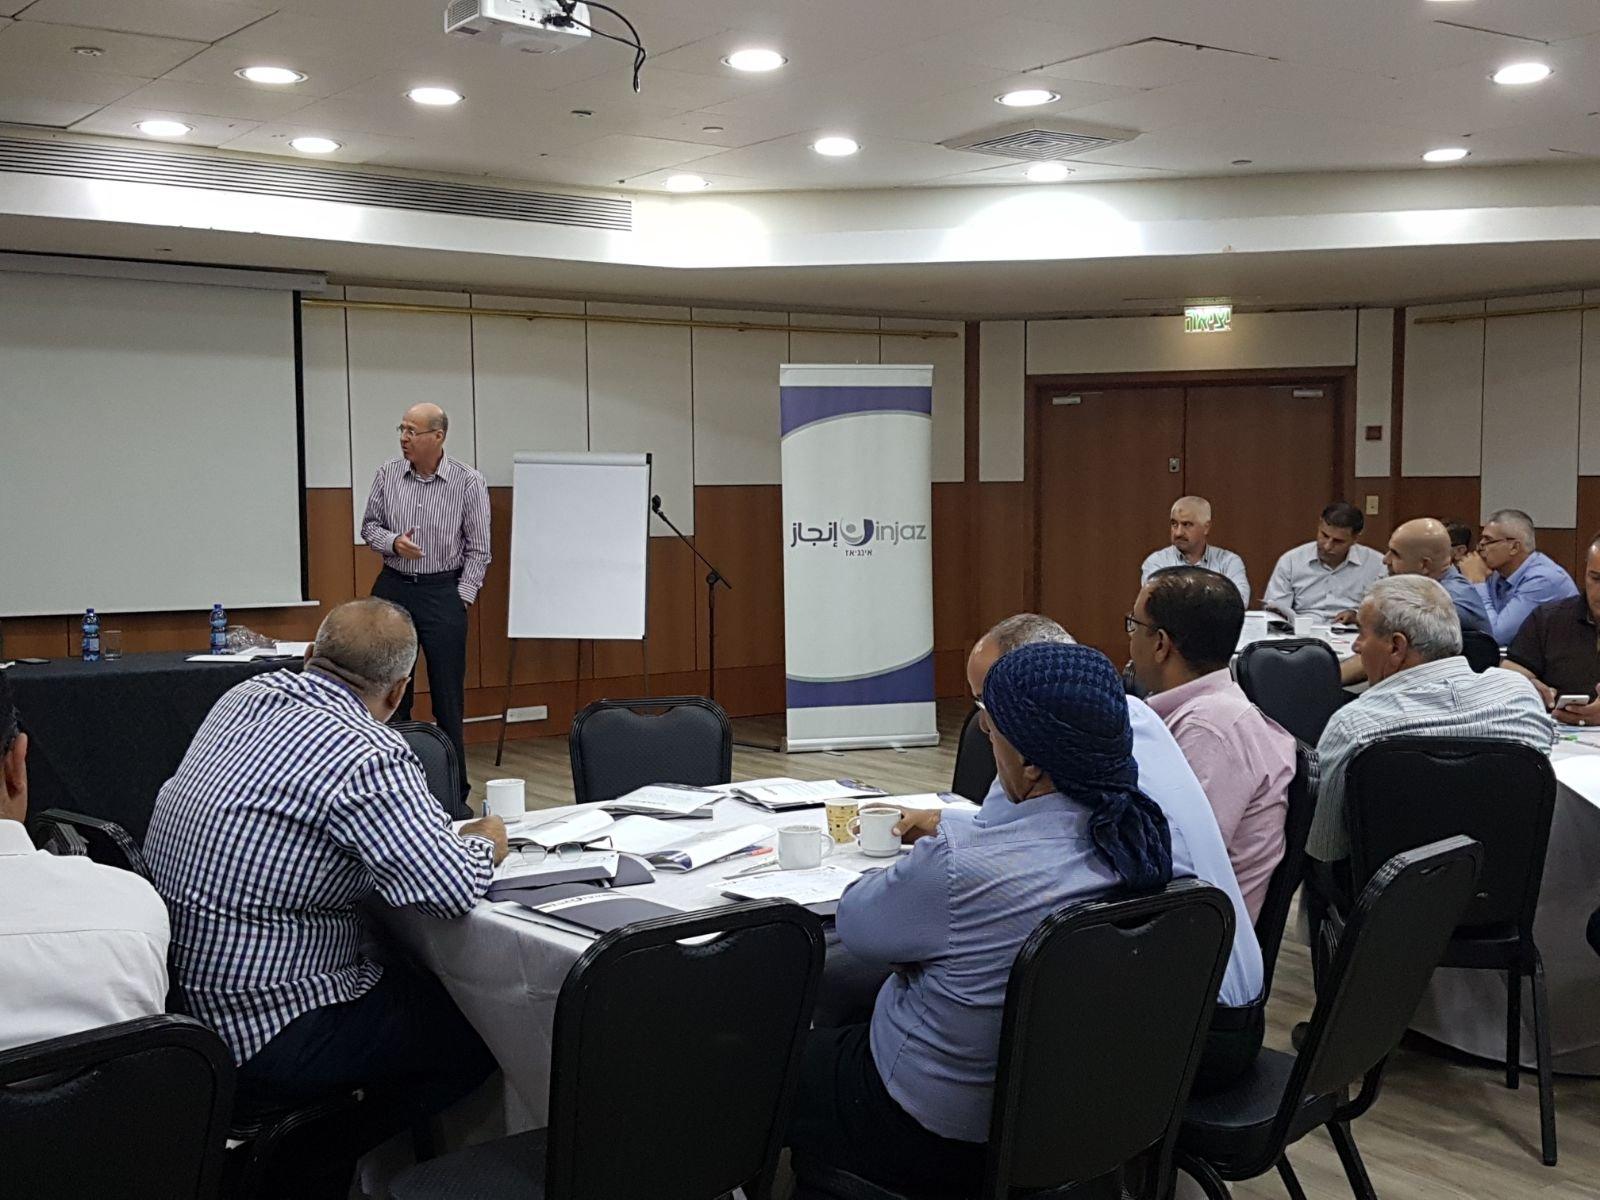 مركز إنجاز يعقد منتدى الرؤساء وكبار الموظفين بحضور أكثر من 50 مشارك